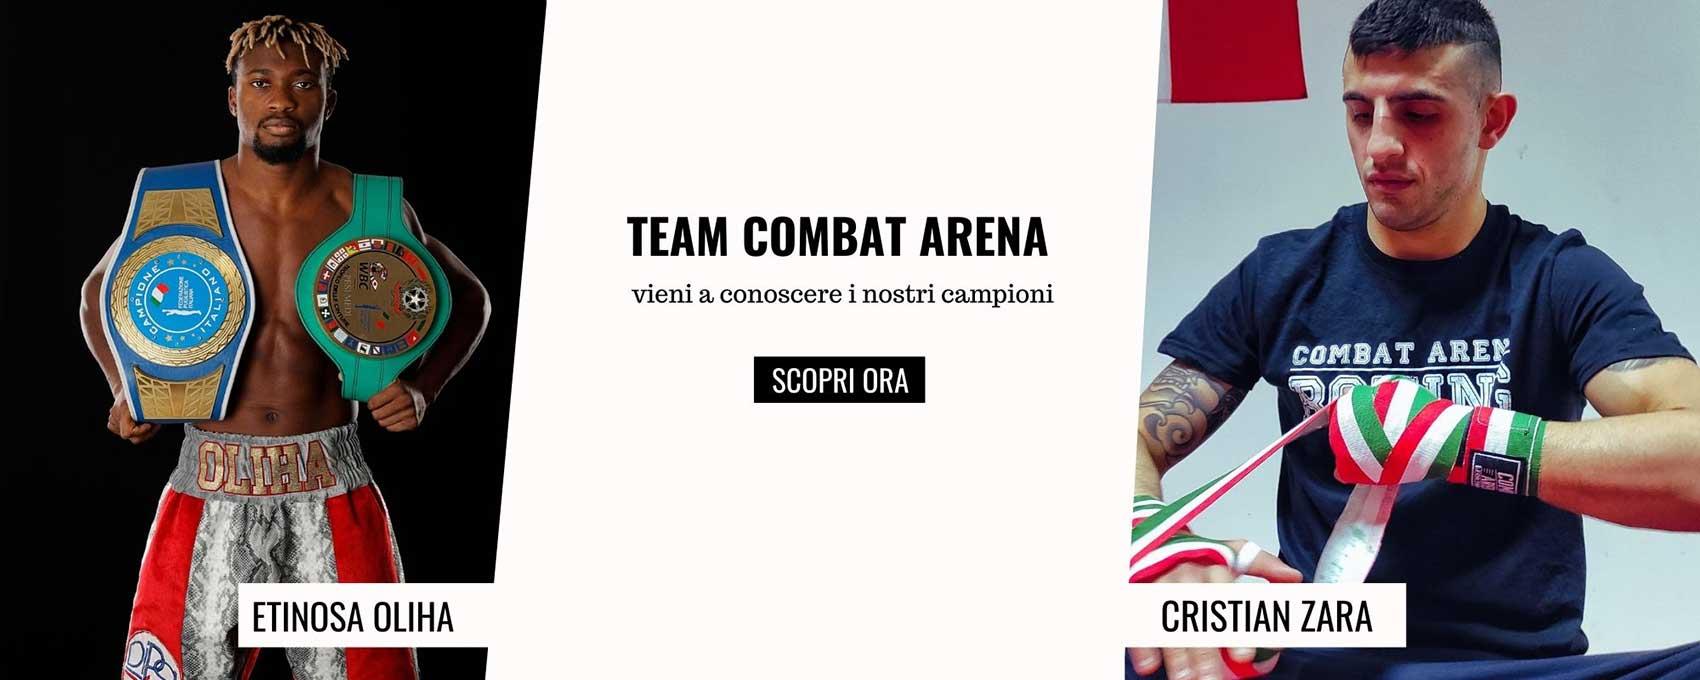 team combat arena